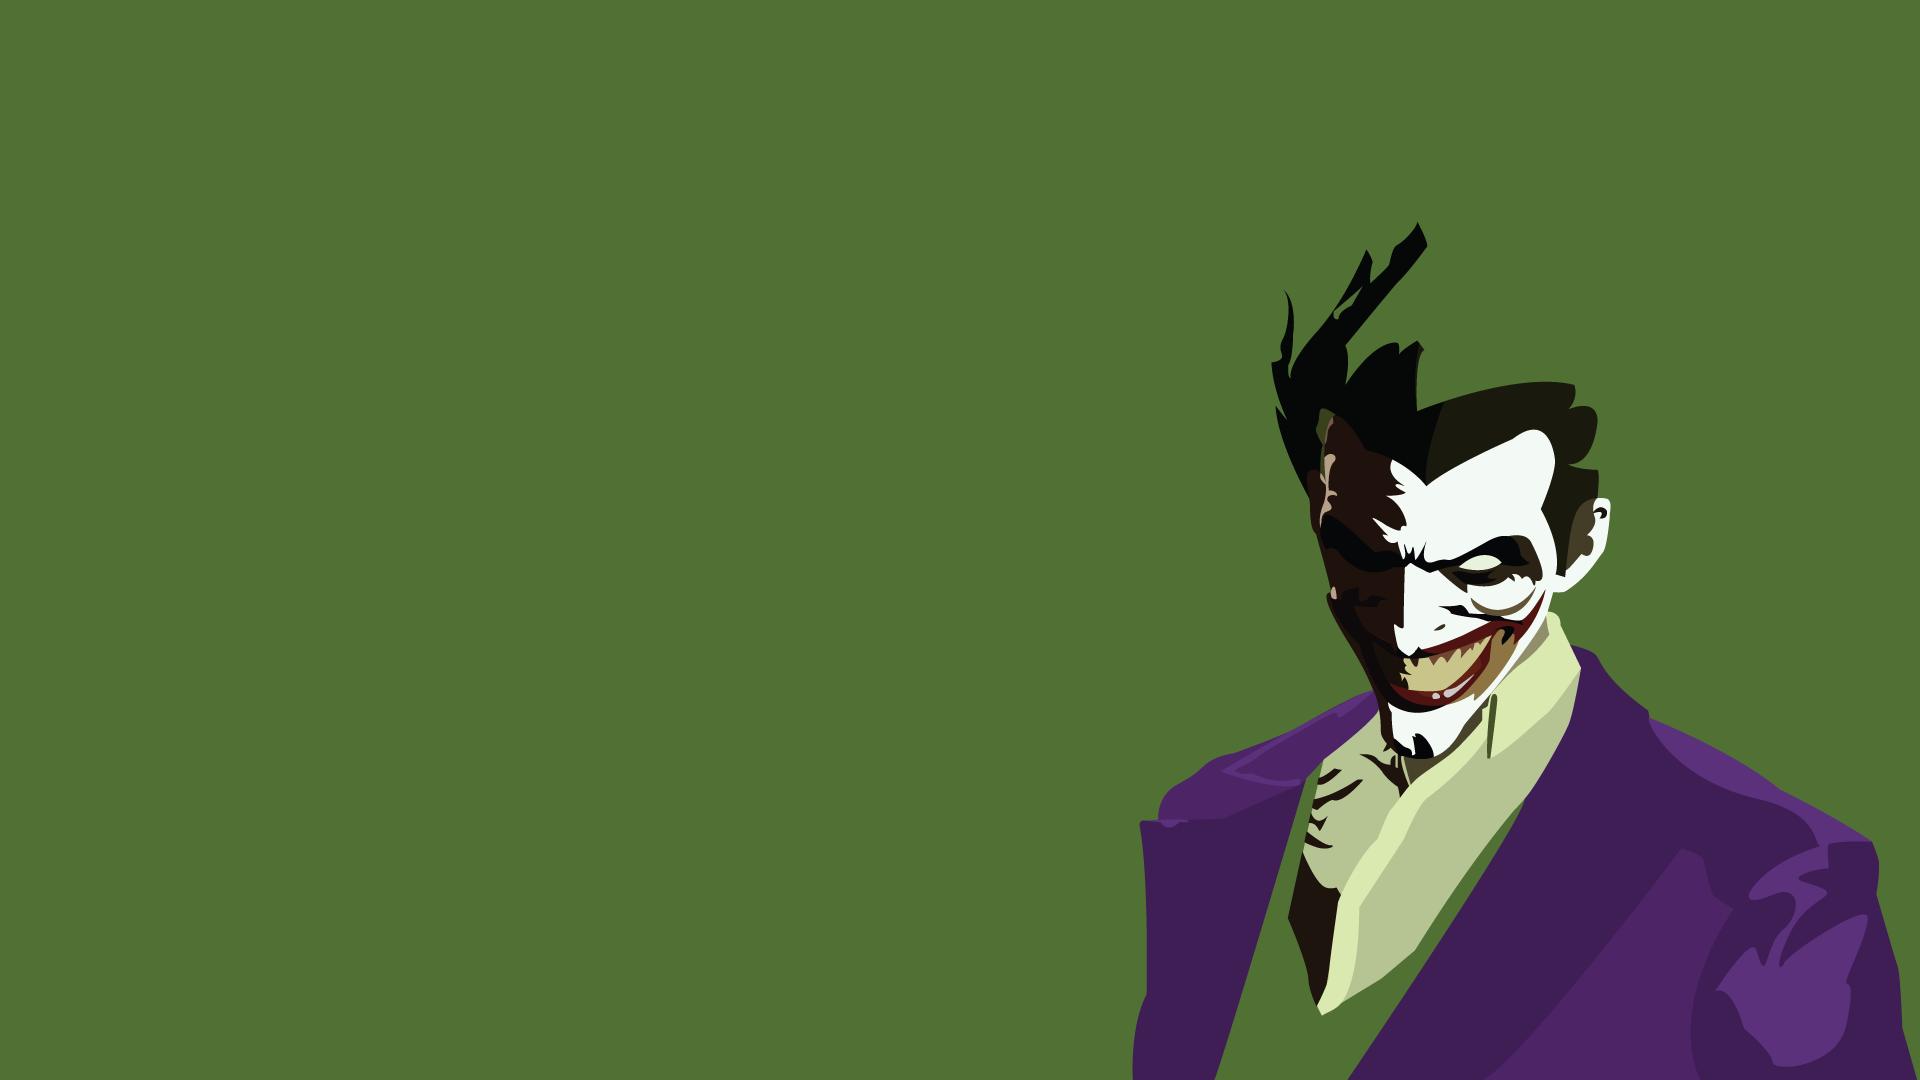 Joker Computer Wallpapers Desktop Backgrounds 1920x1080 1920x1080